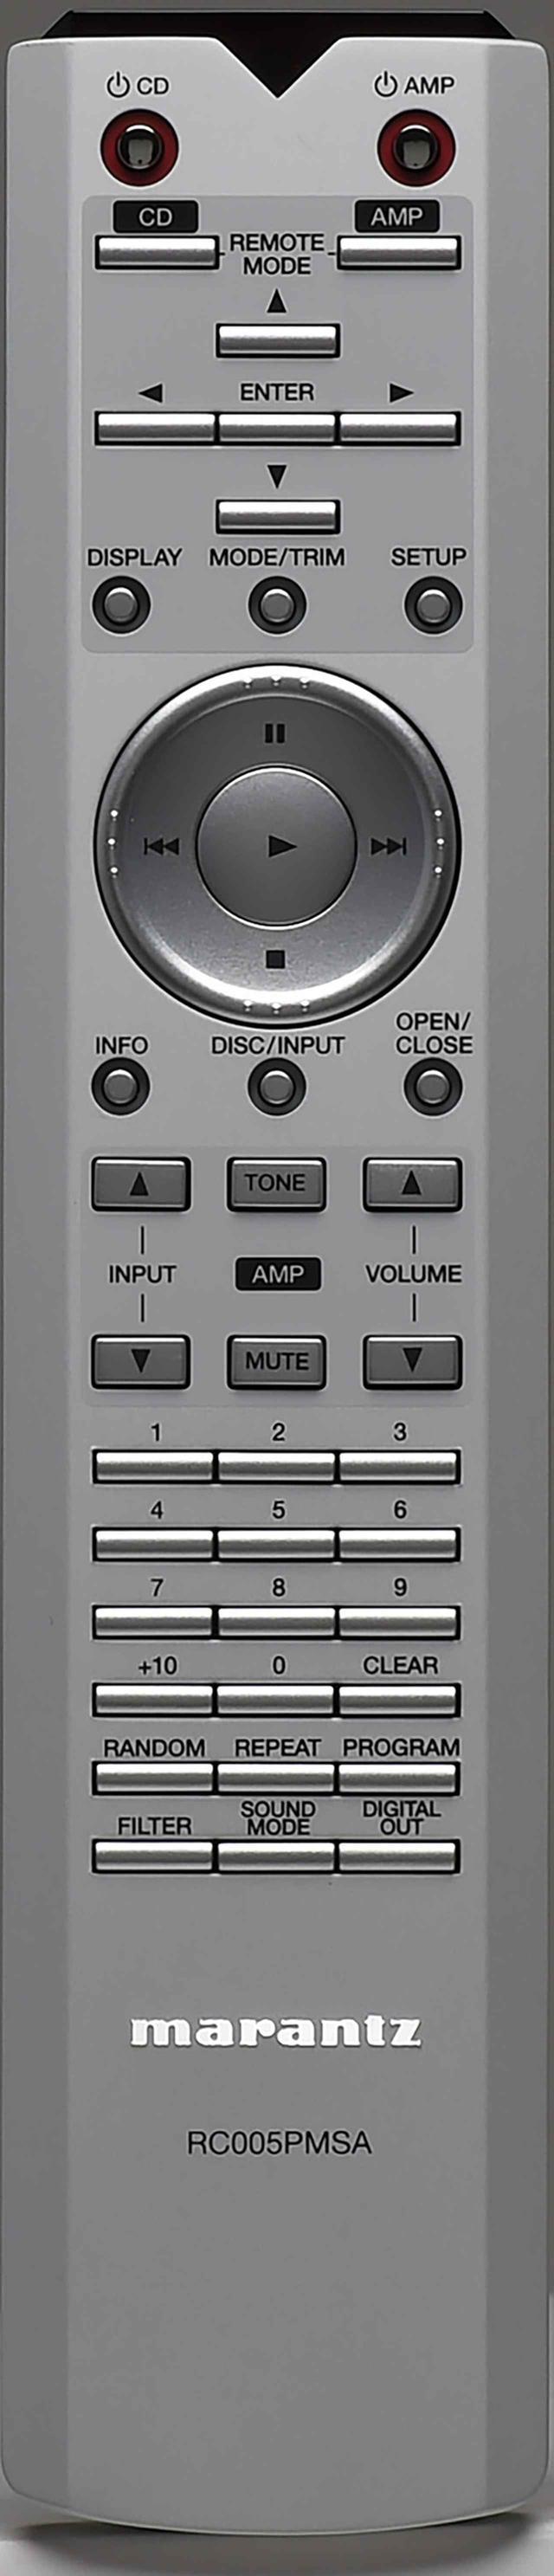 画像: デジタル信号処理の誤差を回避する「Dither」やノイズ特性の改善を図る「NoiseShaper」(いずれもDSDファイル再生時は機能しない)の音質調整が付属リモコンから可能。